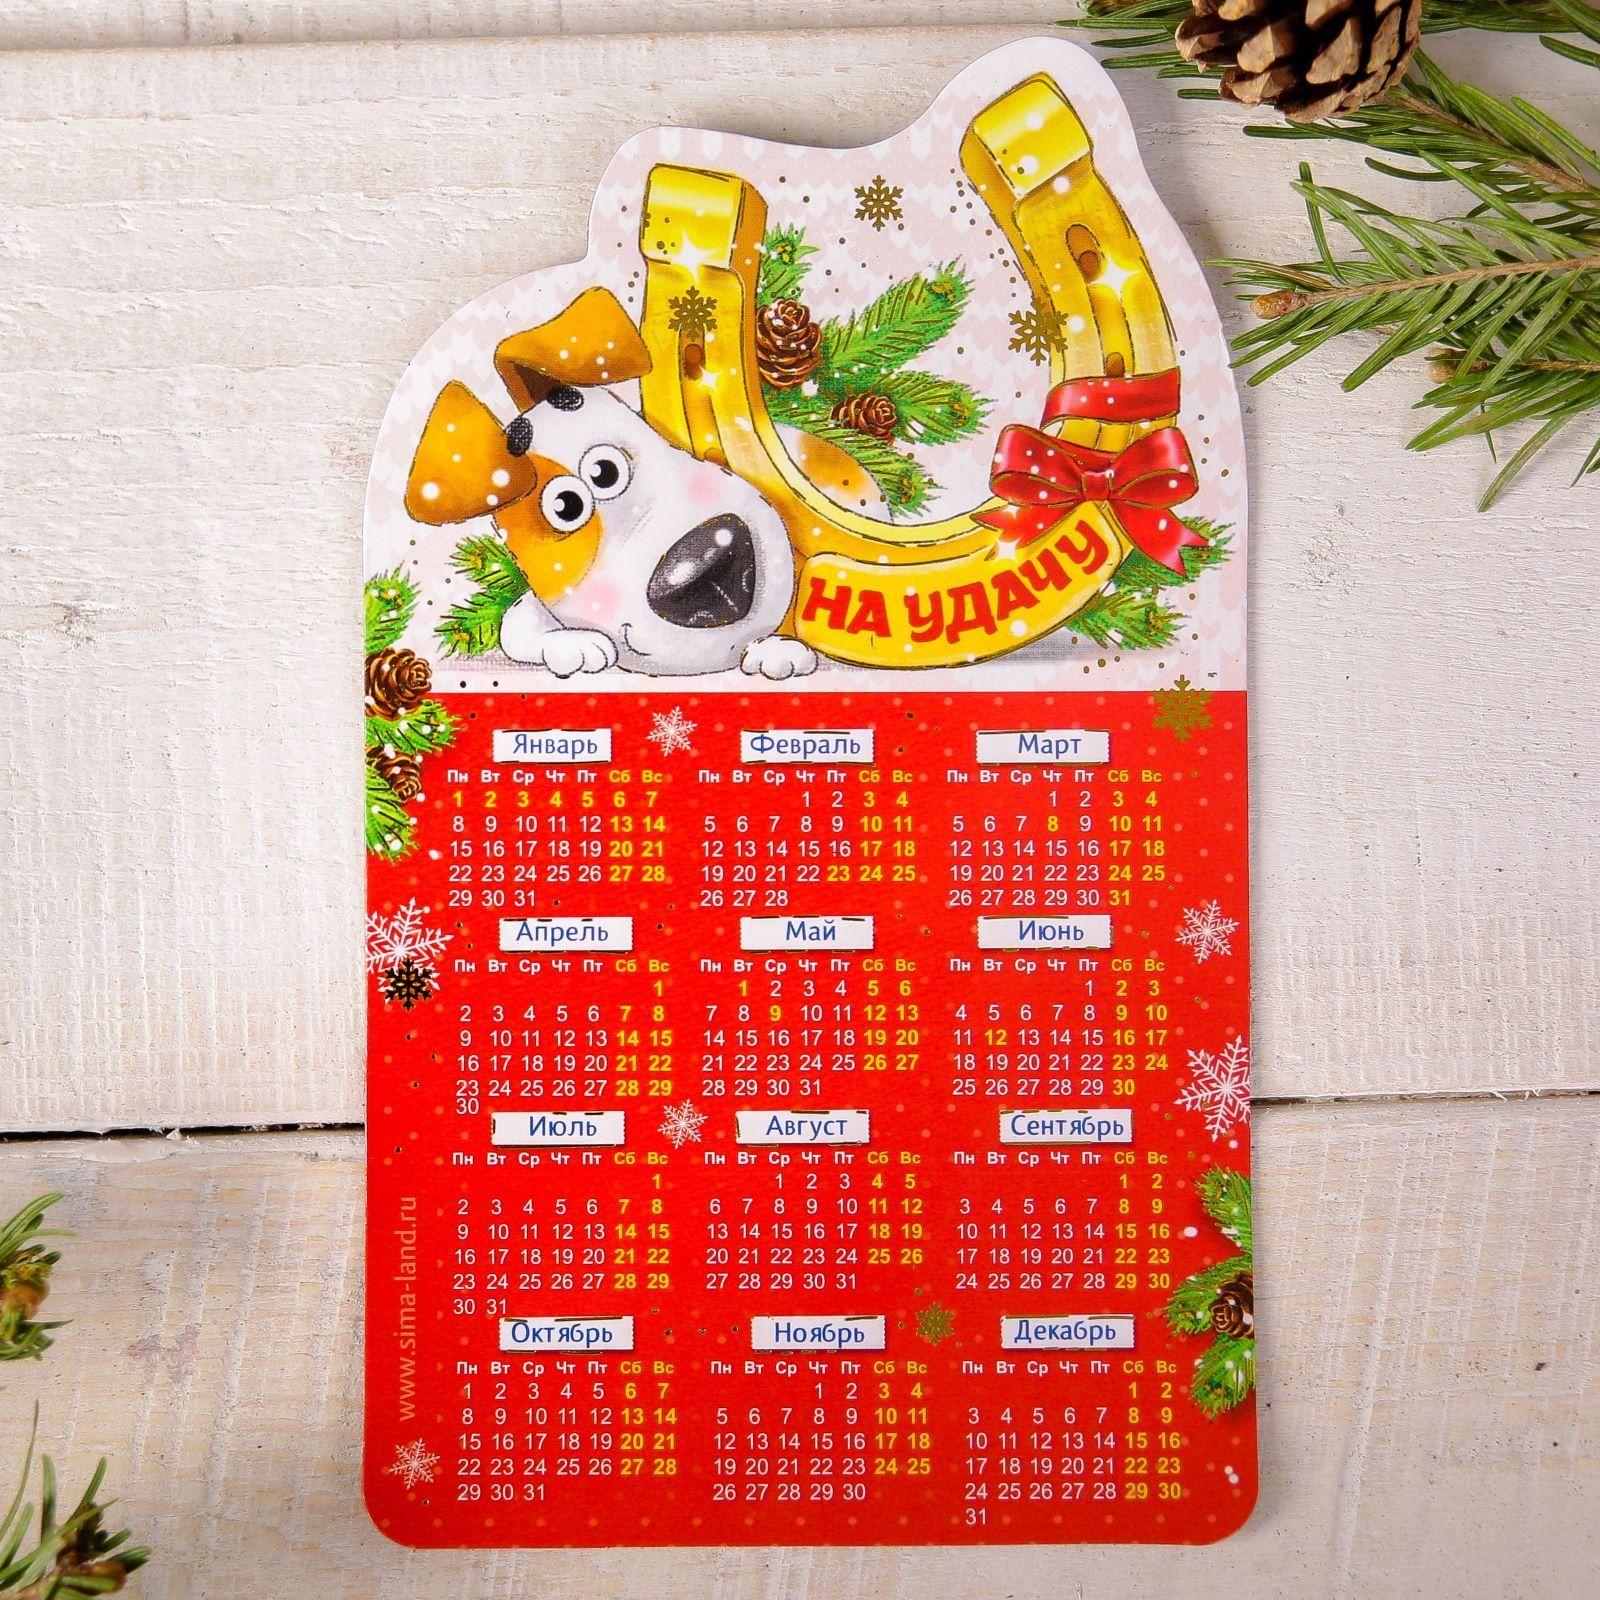 Магнит Sima-land На удачу, с календарем, 8 х 13,6 см1894073Порадуйте родных и близких оригинальным сувениром: преподнесите в подарок магнит. С ним даже самый серьёзный человек почувствует себя ребёнком, ожидающим чудо! Создайте праздничное настроение, и оно останется с вами на весь год.